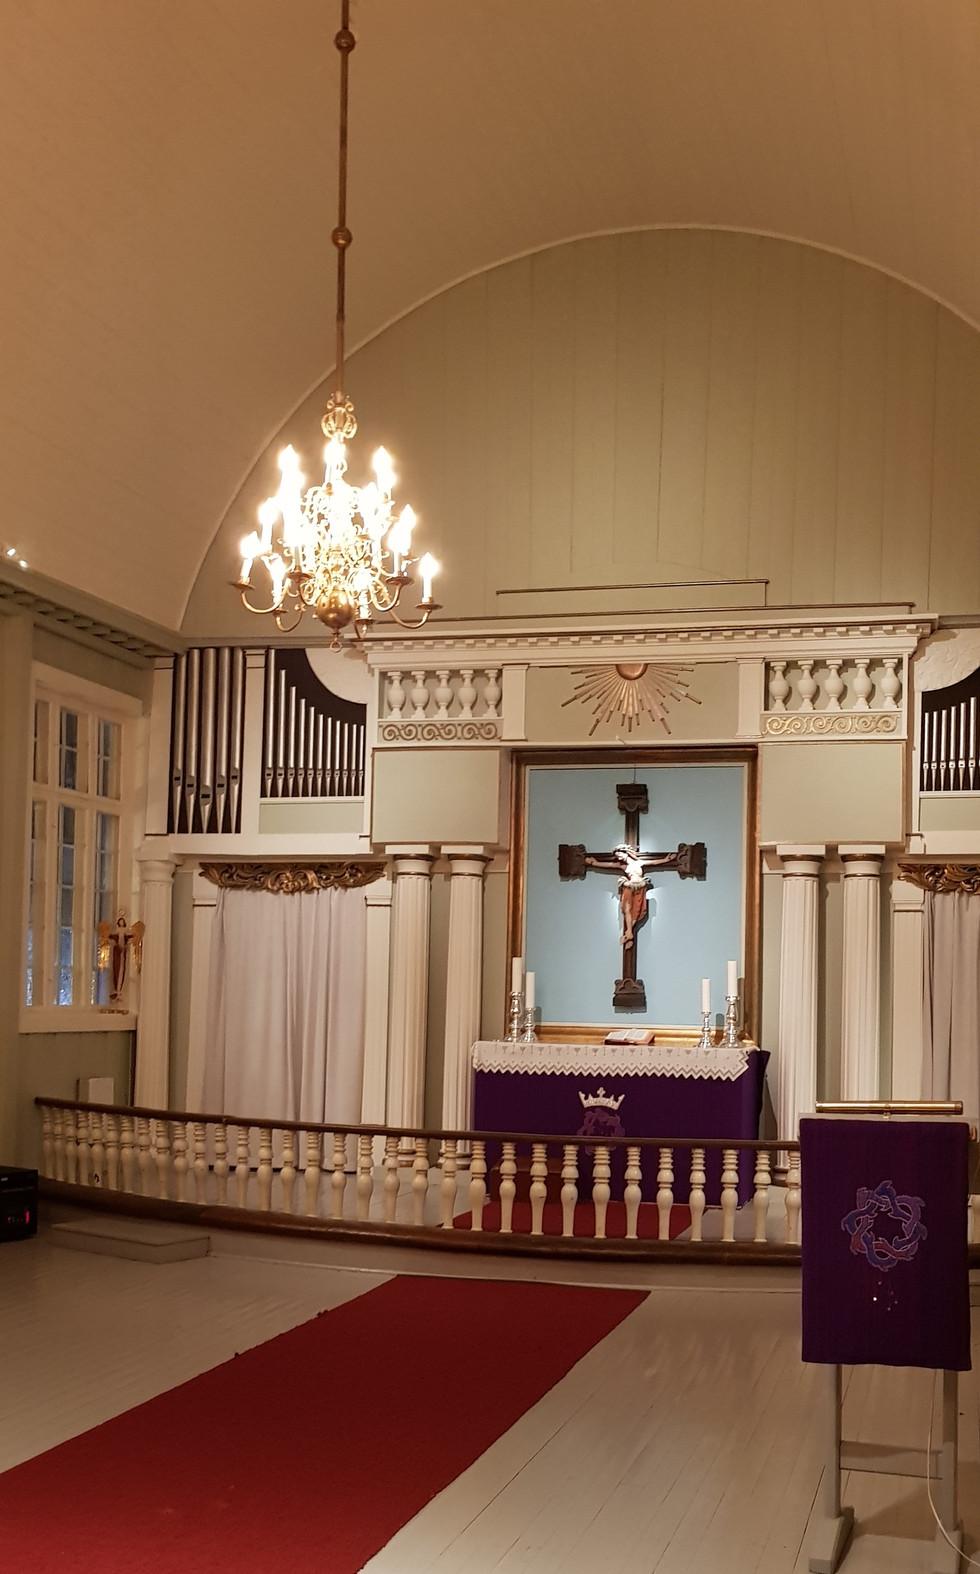 Vinger kirke